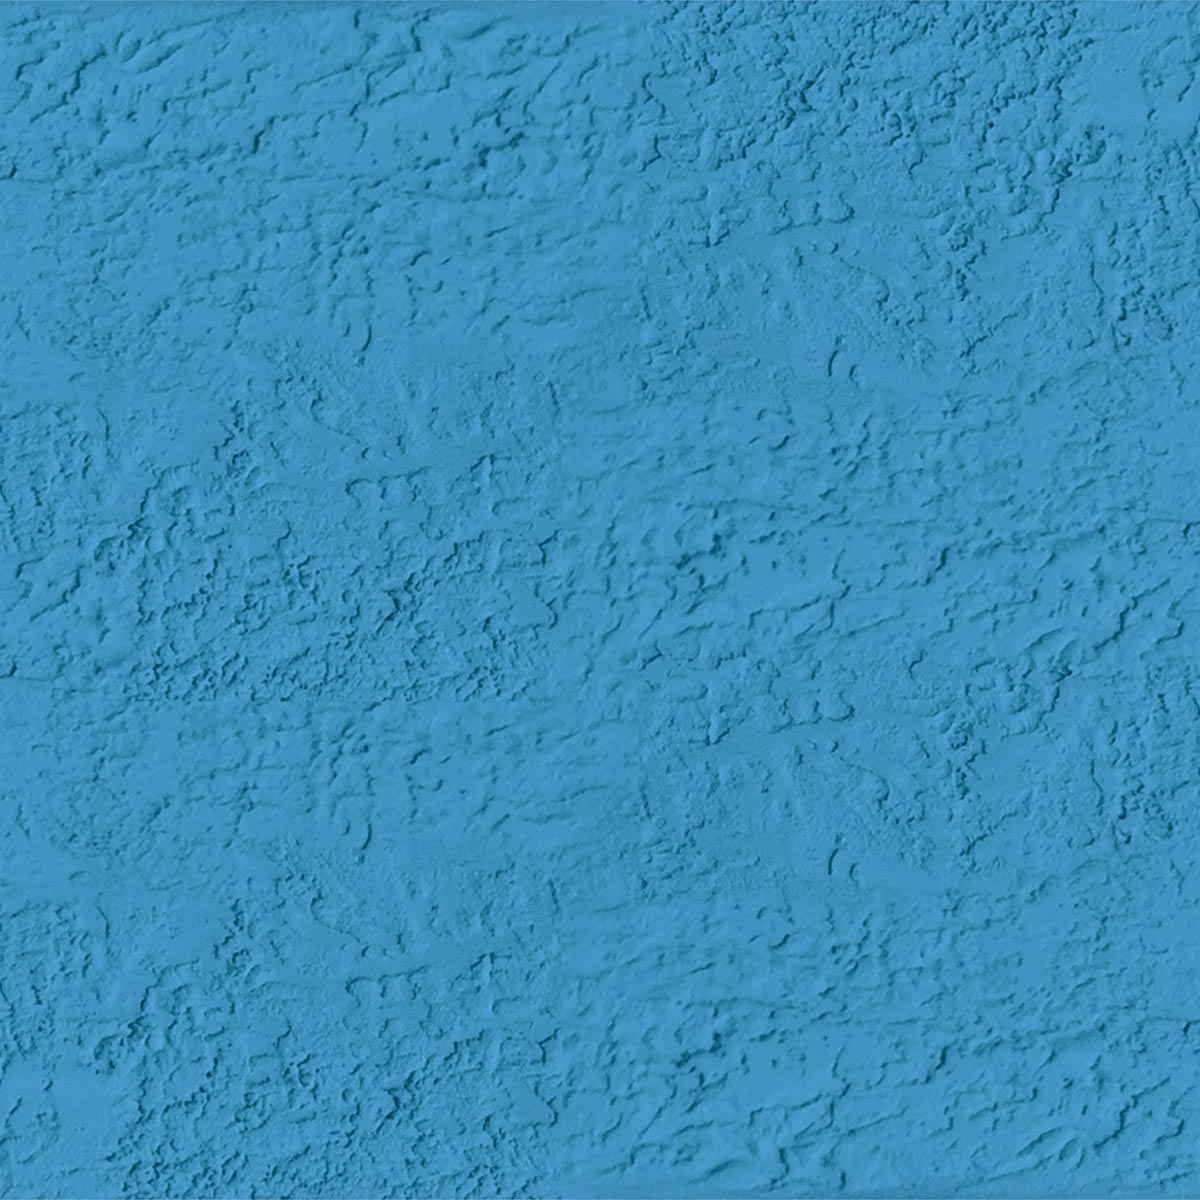 FolkArt ® Coastal™ Texture Paint - Largo Blue, 8 oz.